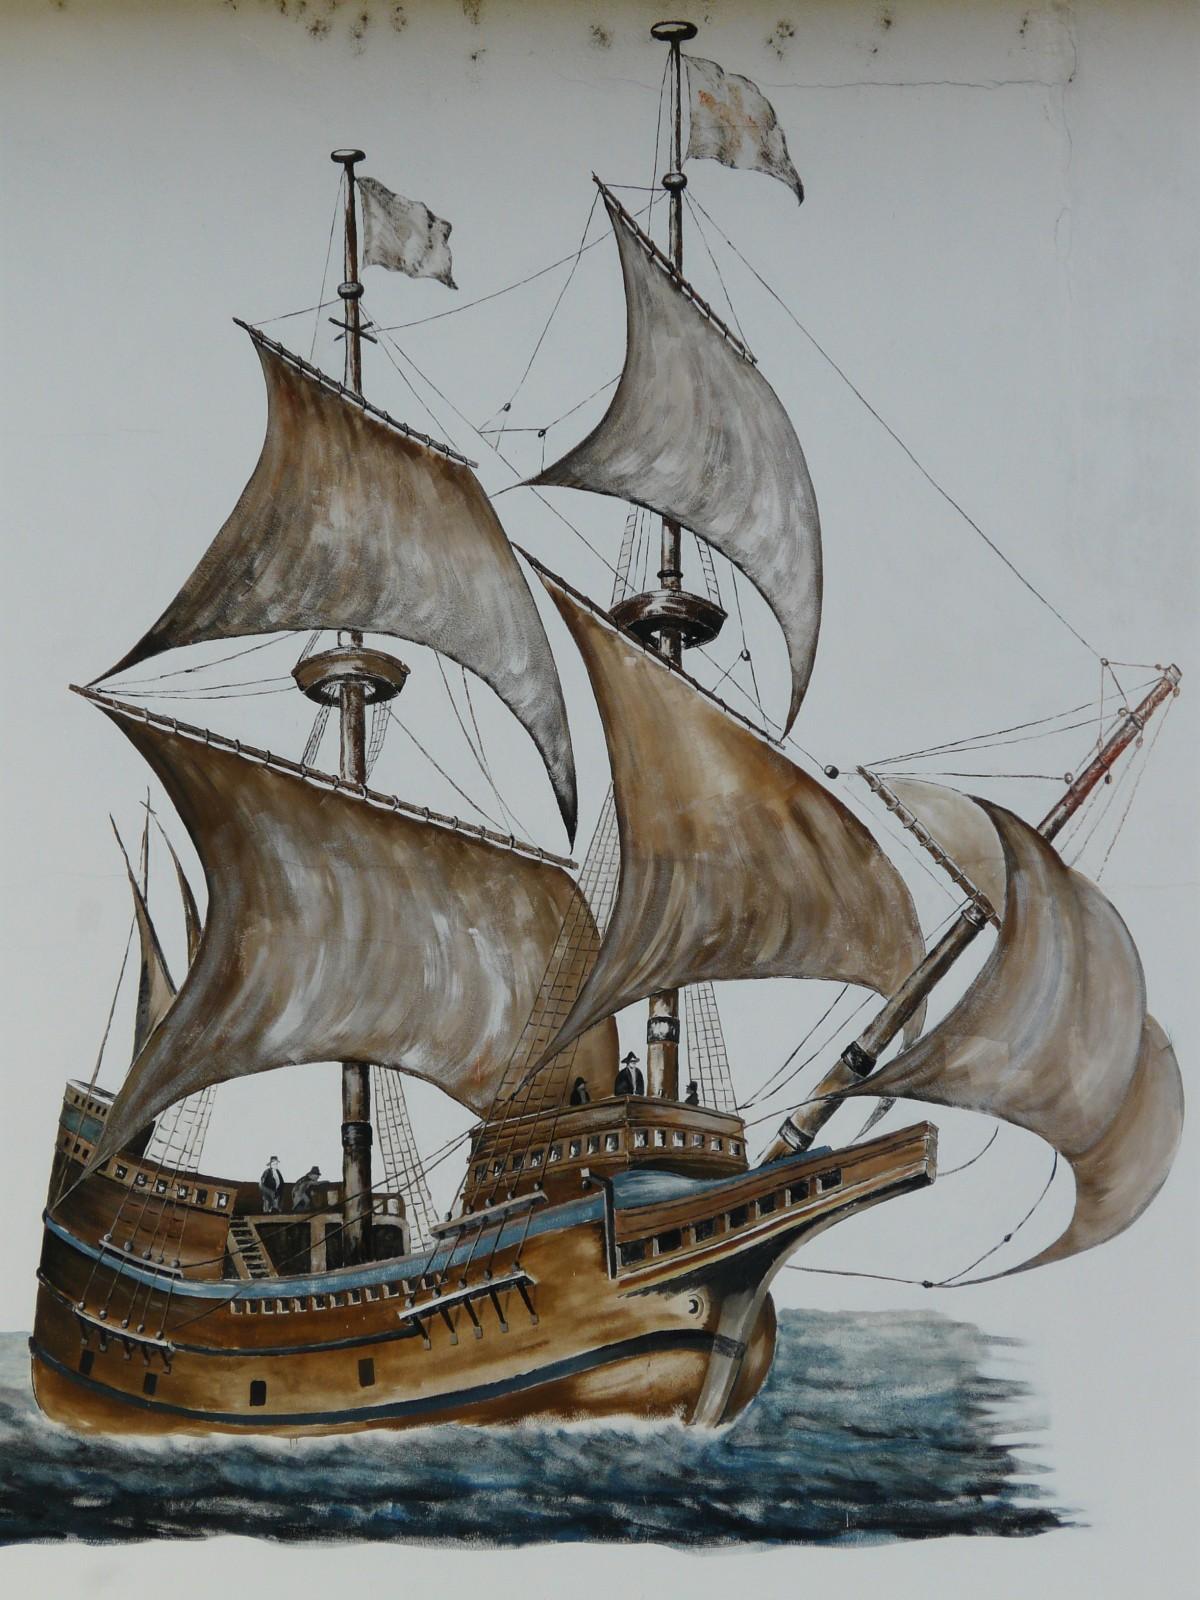 bildet   vann  skip  st u00f8vel  kj u00f8ret u00f8y  seilb u00e5t  skisse  tegning  illustrasjon  seile  bilde